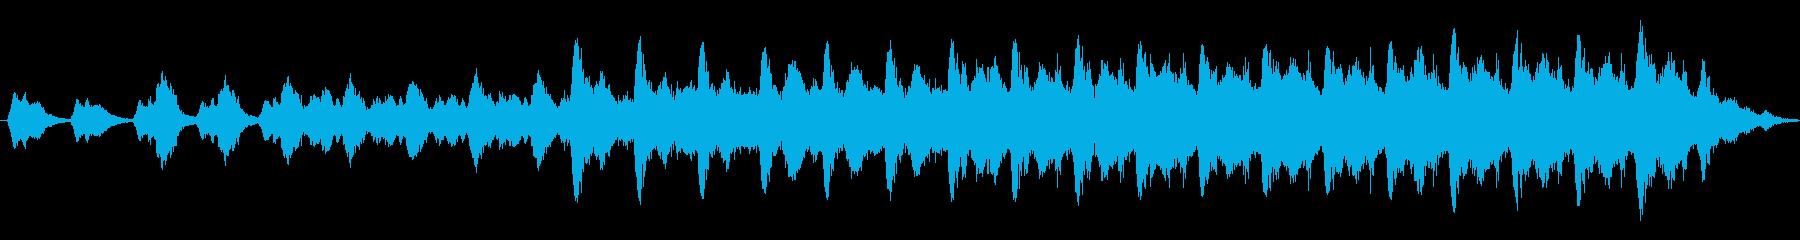 機械音 不気味な音 終末を感じさせる音の再生済みの波形